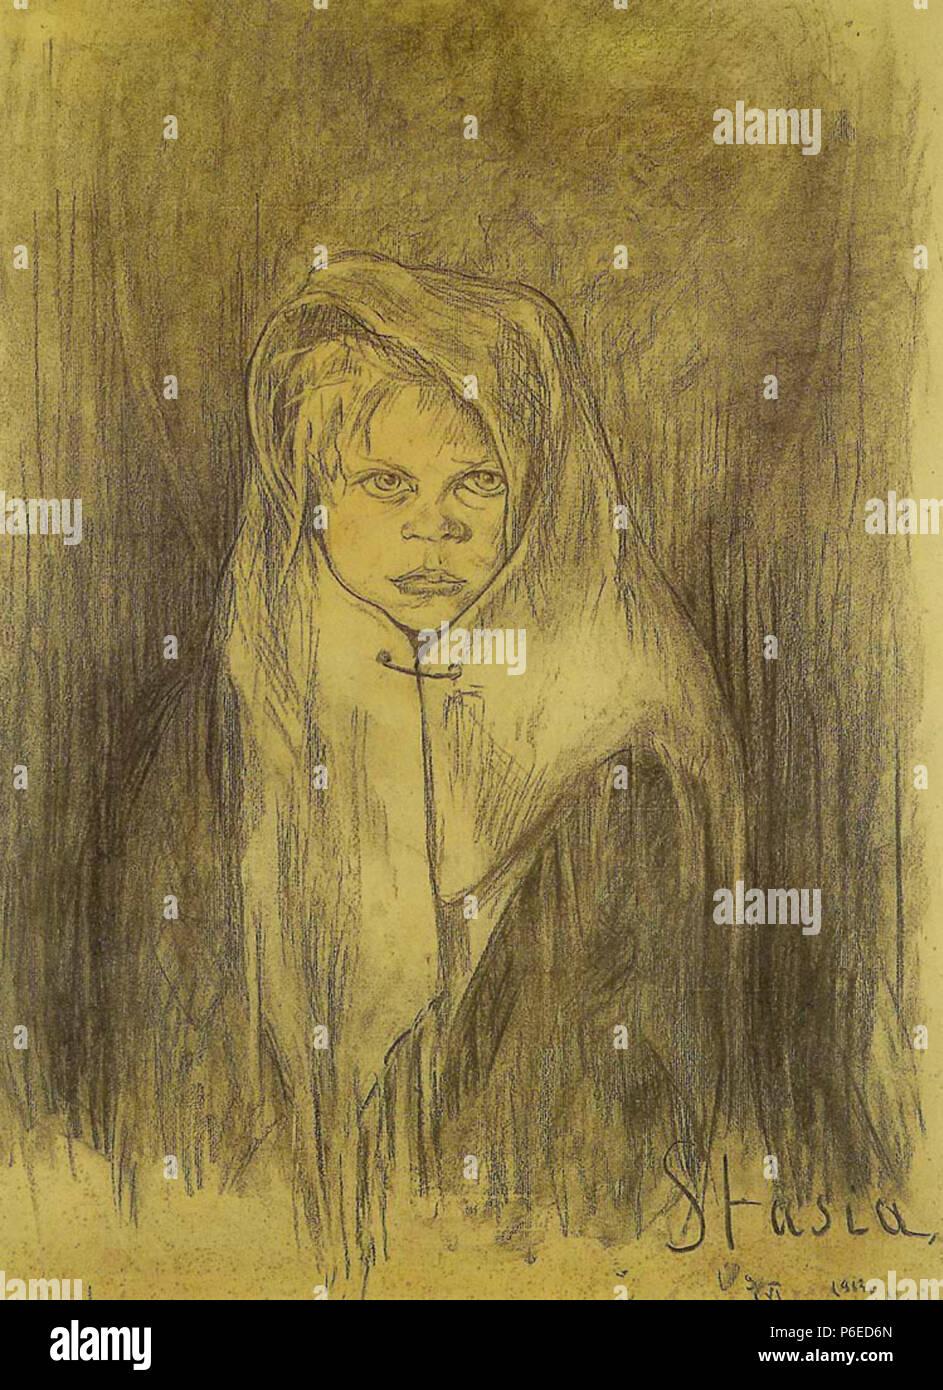 Polski: 'Stasia', wgiel na papierze, 63 x 48 cm, Muzeum Pomorza, rodkowego Supsk . 9 juin 1913 81 Witkacy-Stasia Banque D'Images